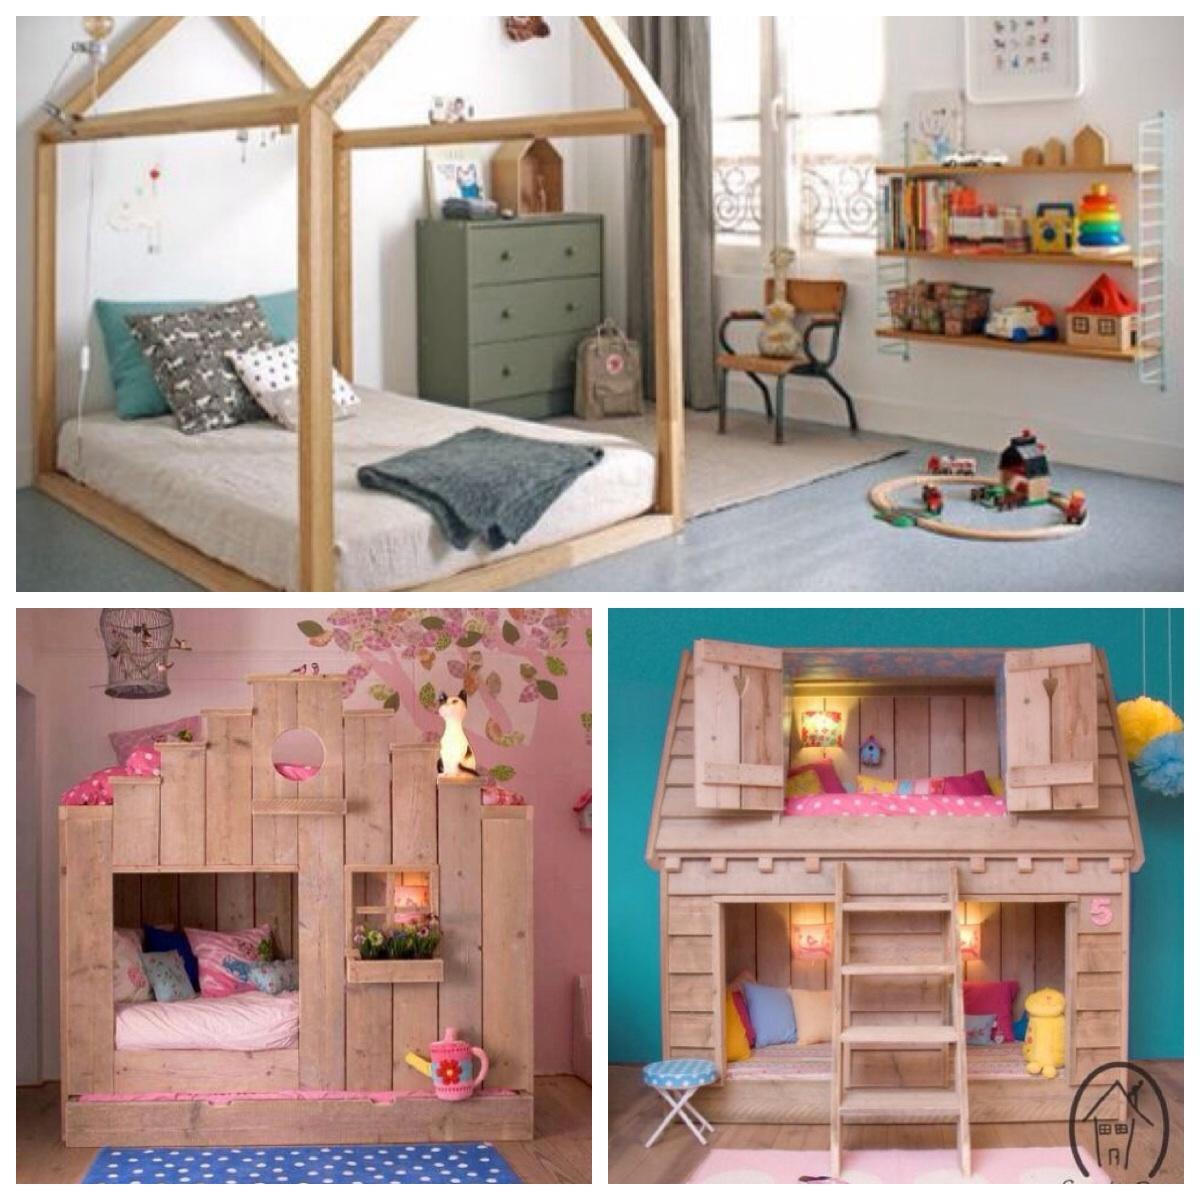 quarto infantil camas divertidas casinhas